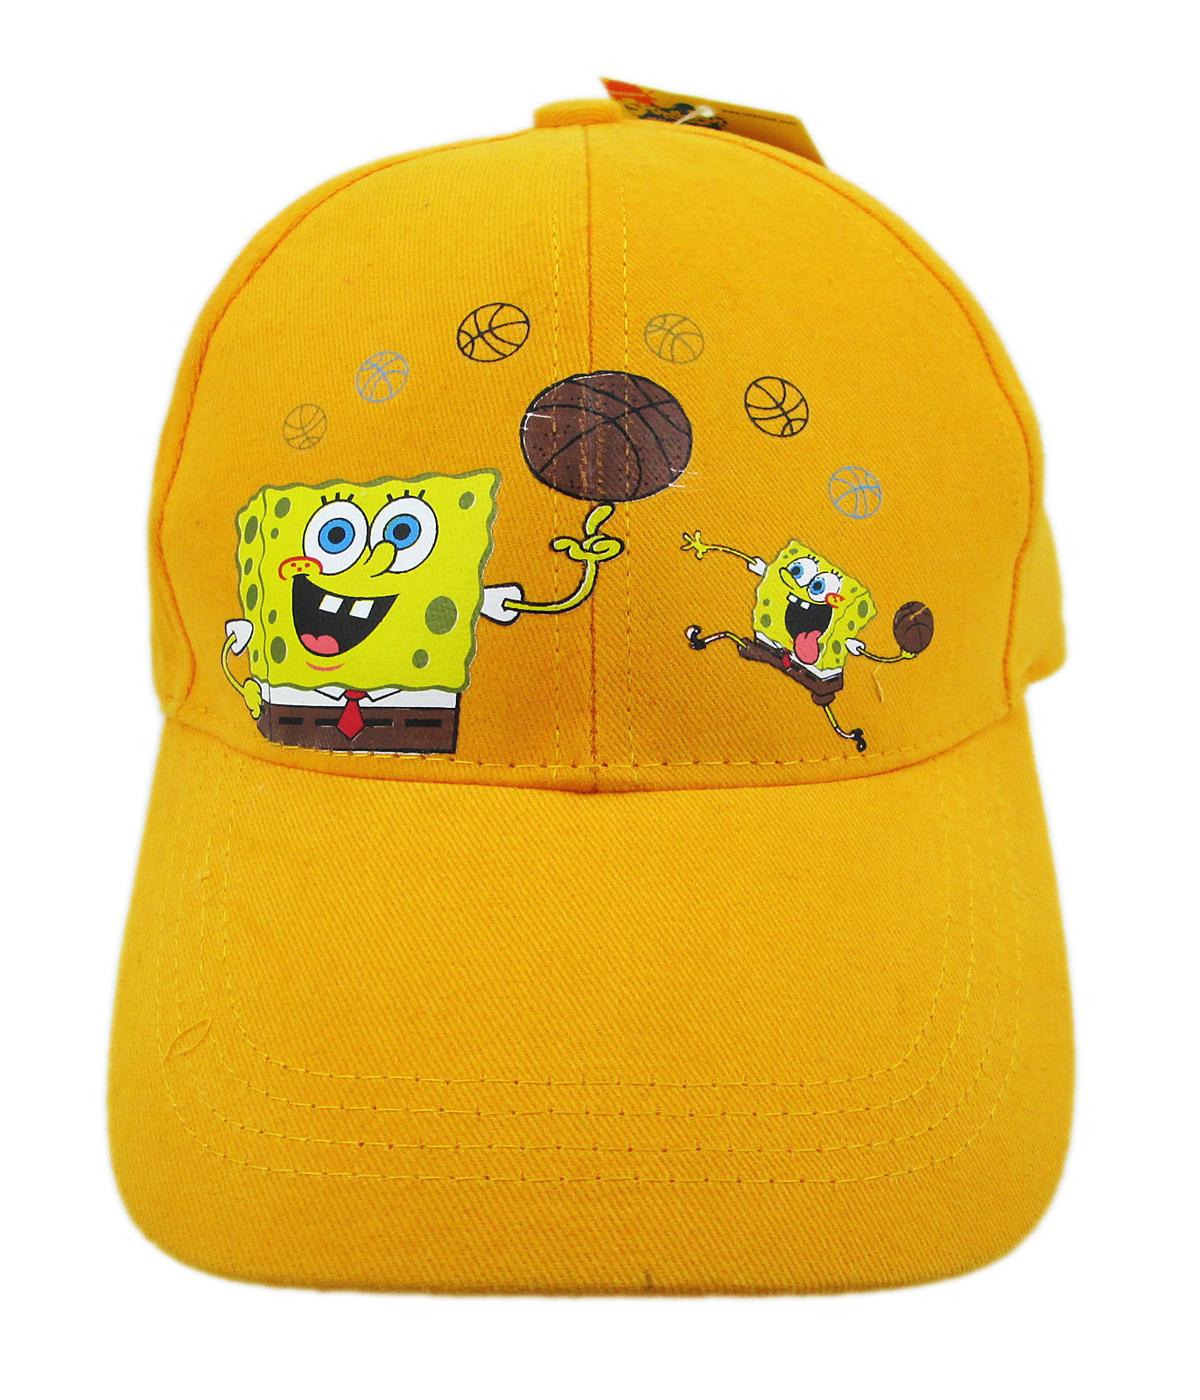 卡漫城海綿寶寶兒童帽子版Spongebob台灣製旅行校外教學遮陽帽棒球帽網球帽籃球